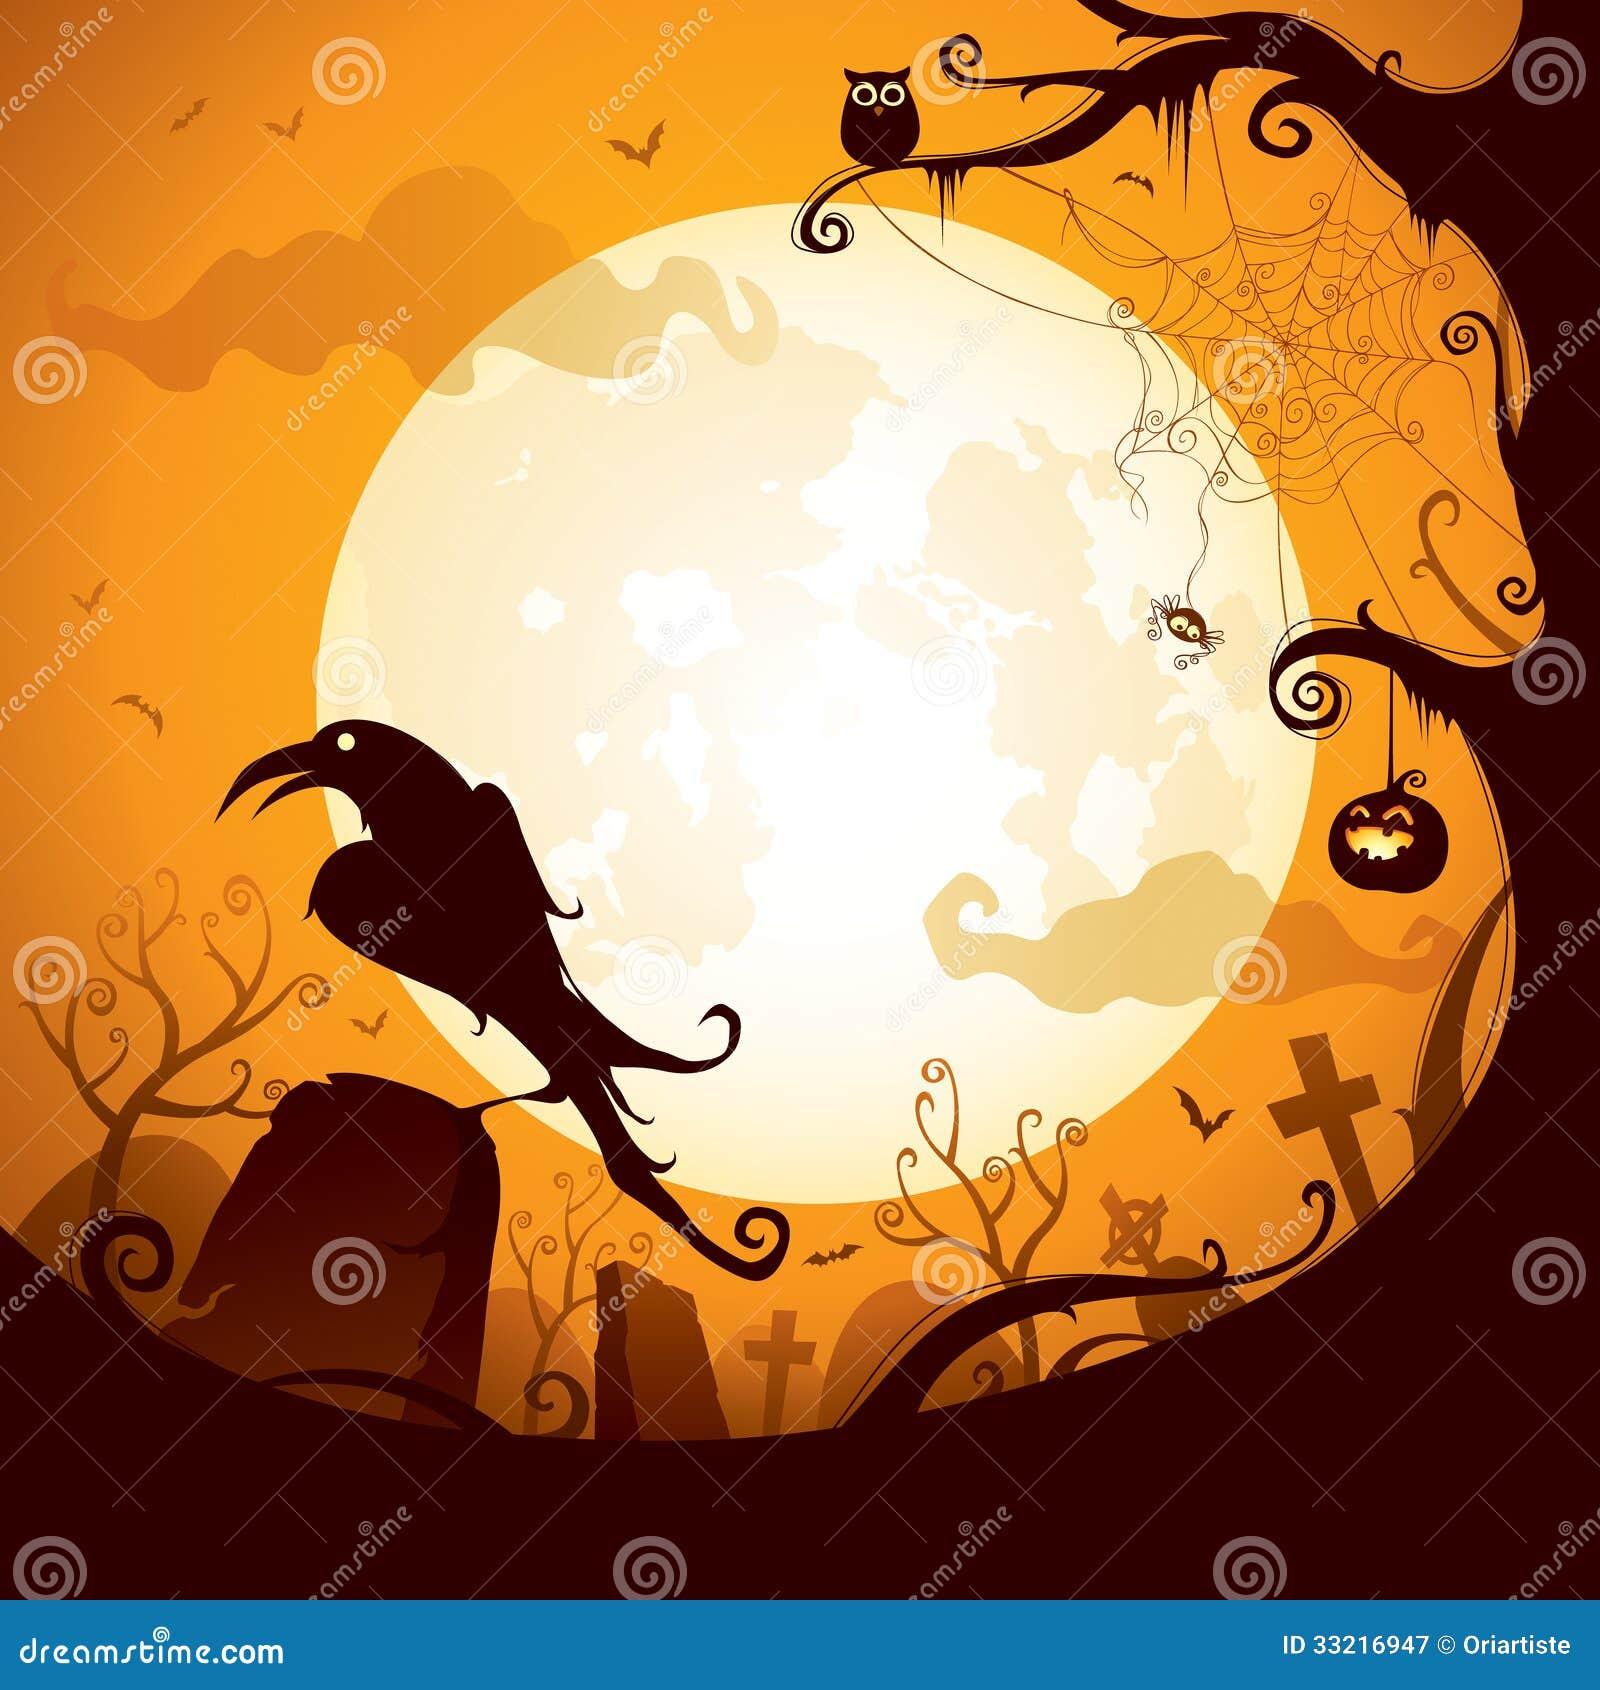 halloween scene clipart - photo #42